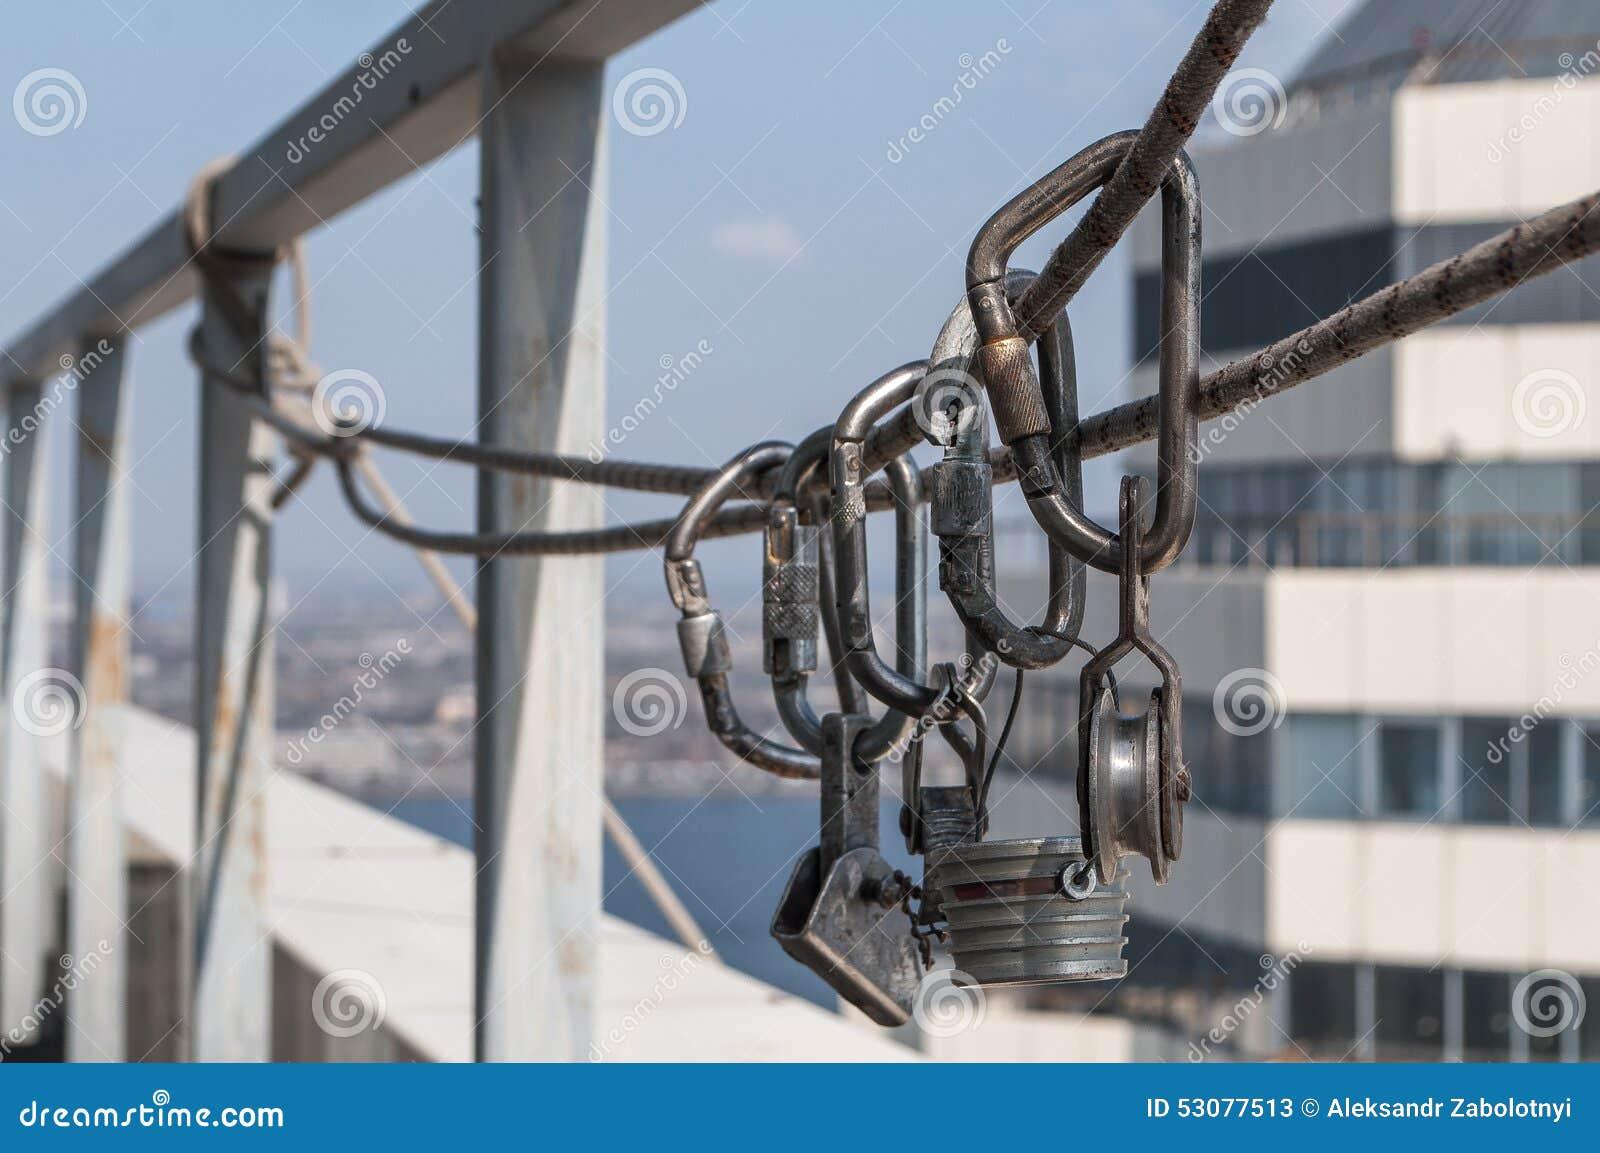 Carabinas y otros dispositivos de la herencia para el alpinismo industrial